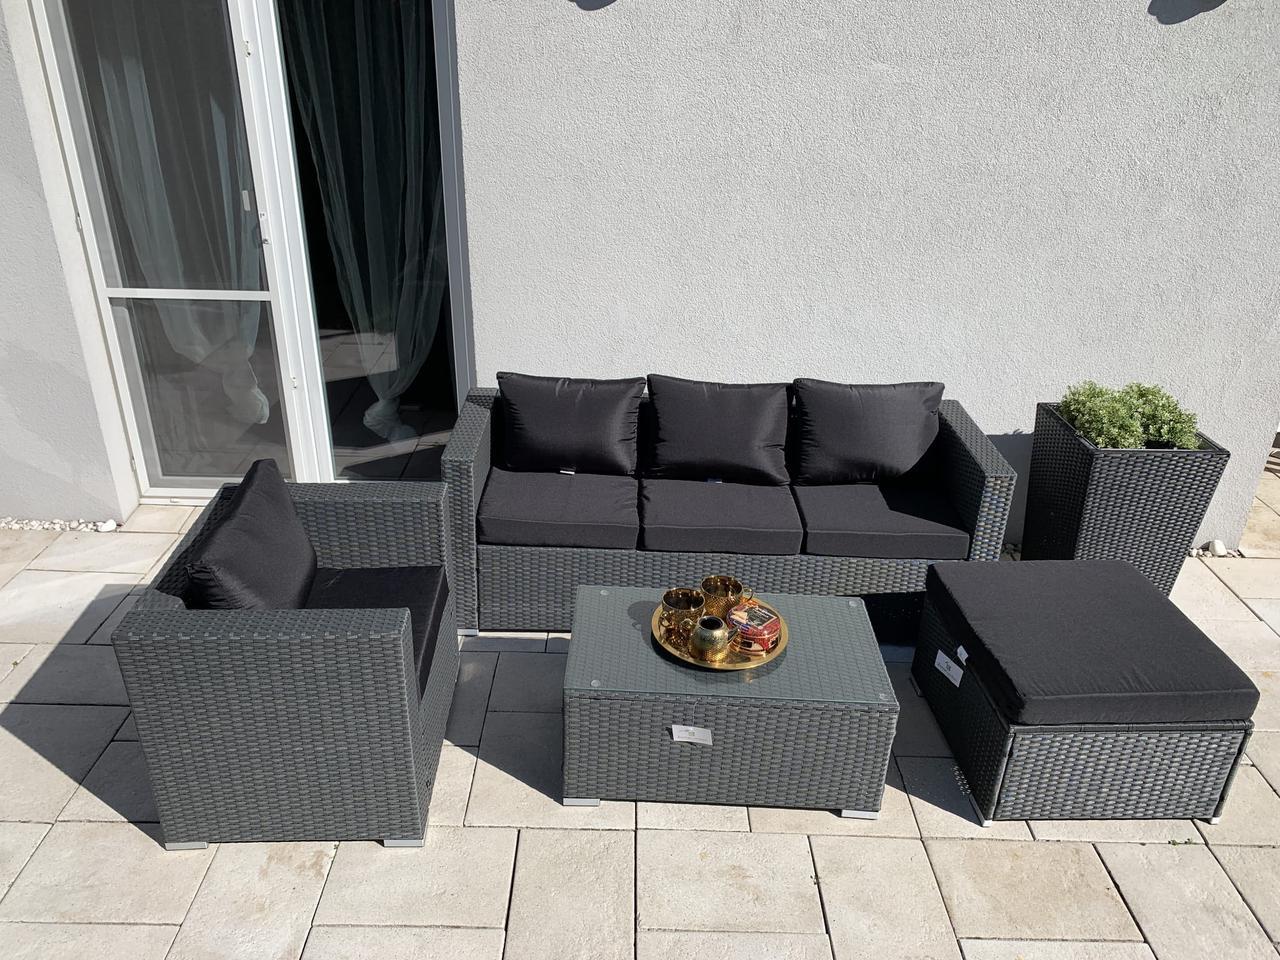 Комплект уличной мебели из ротанга BORNEO диван, кресло, пуф + столик!